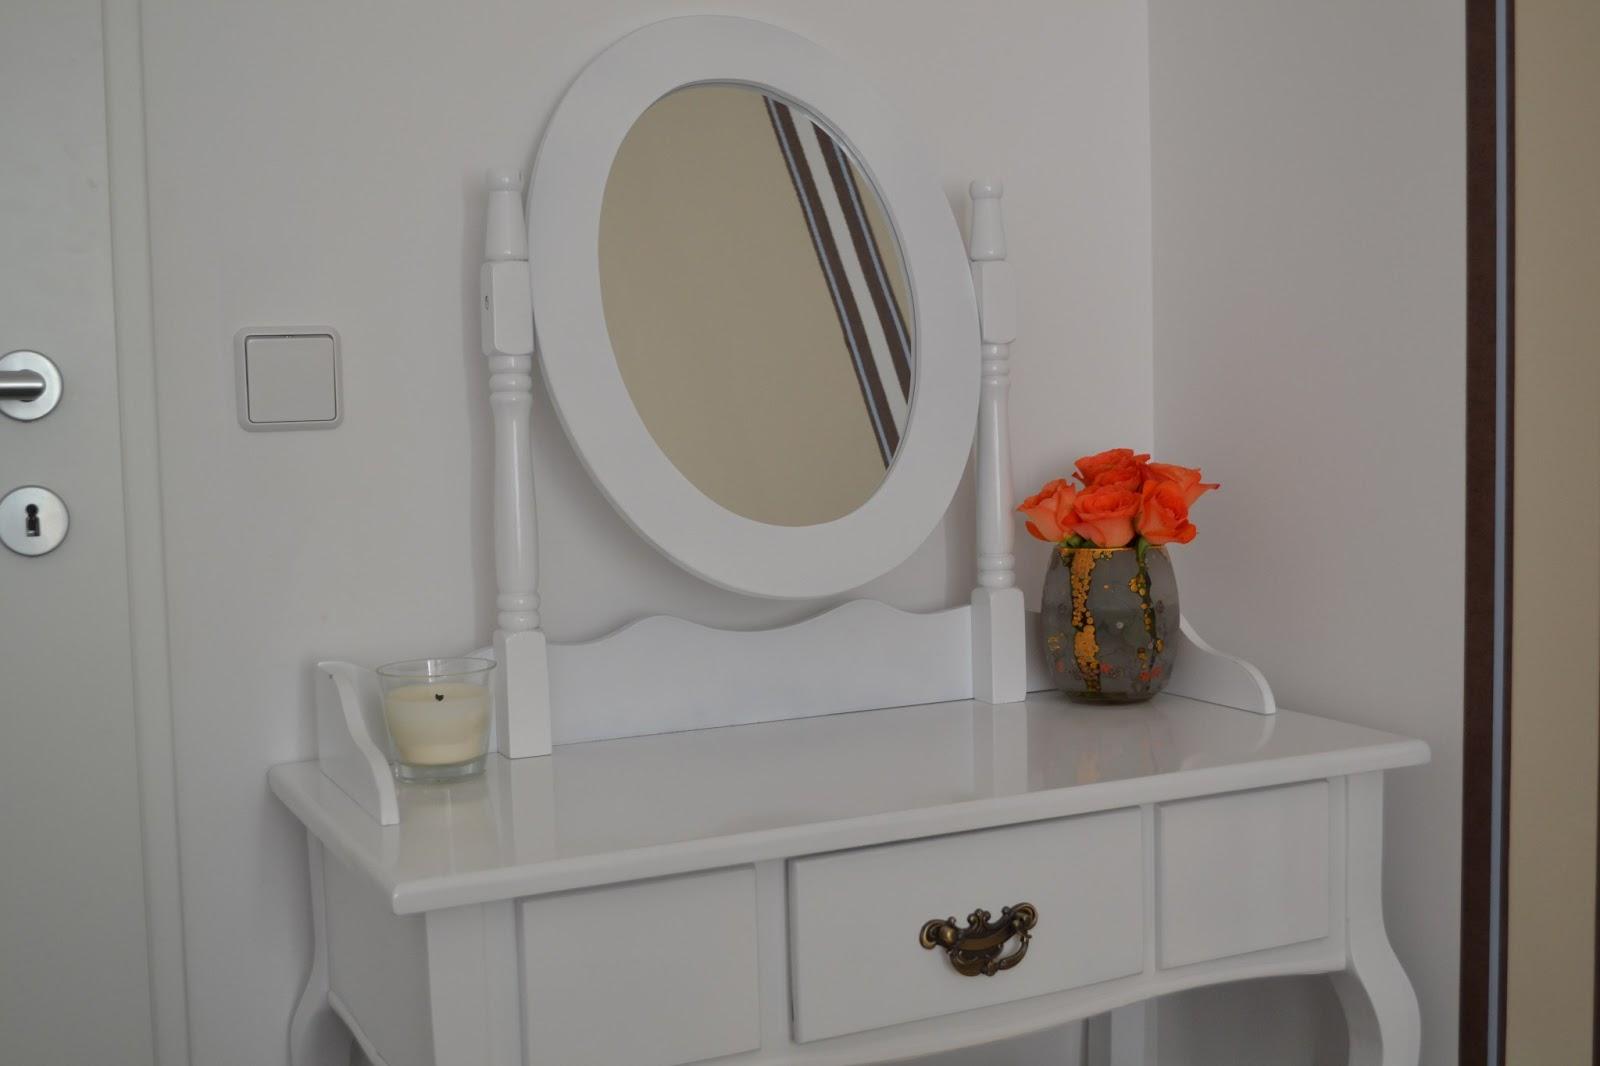 diorella s beauty blog beauty lifestyle blog aus sterreich mein schminktisch. Black Bedroom Furniture Sets. Home Design Ideas